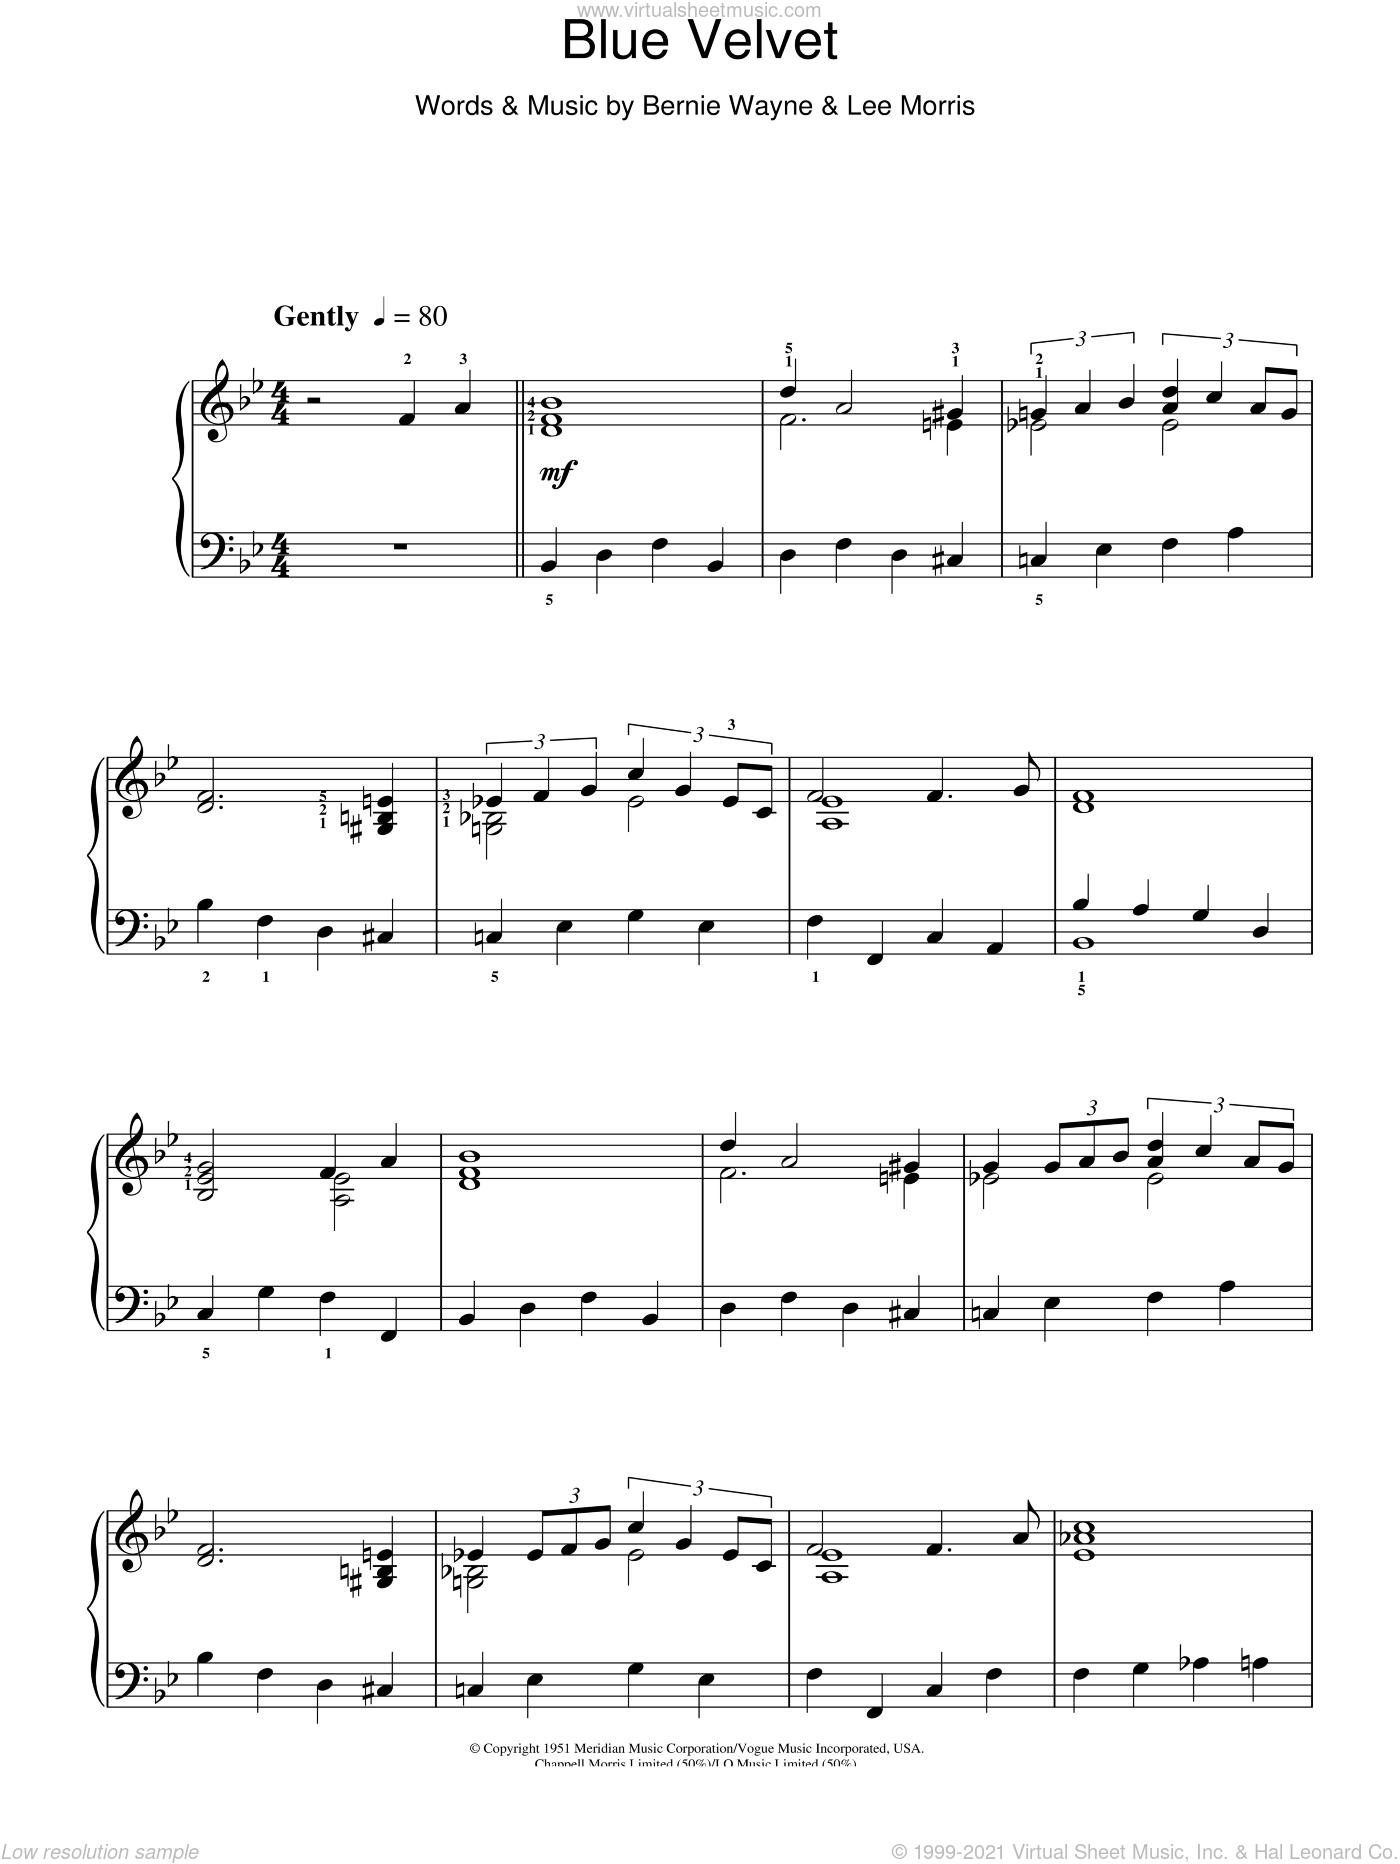 Blue Velvet sheet music for piano solo by Tony Bennett, Bernie Wayne and Lee Morris, intermediate skill level